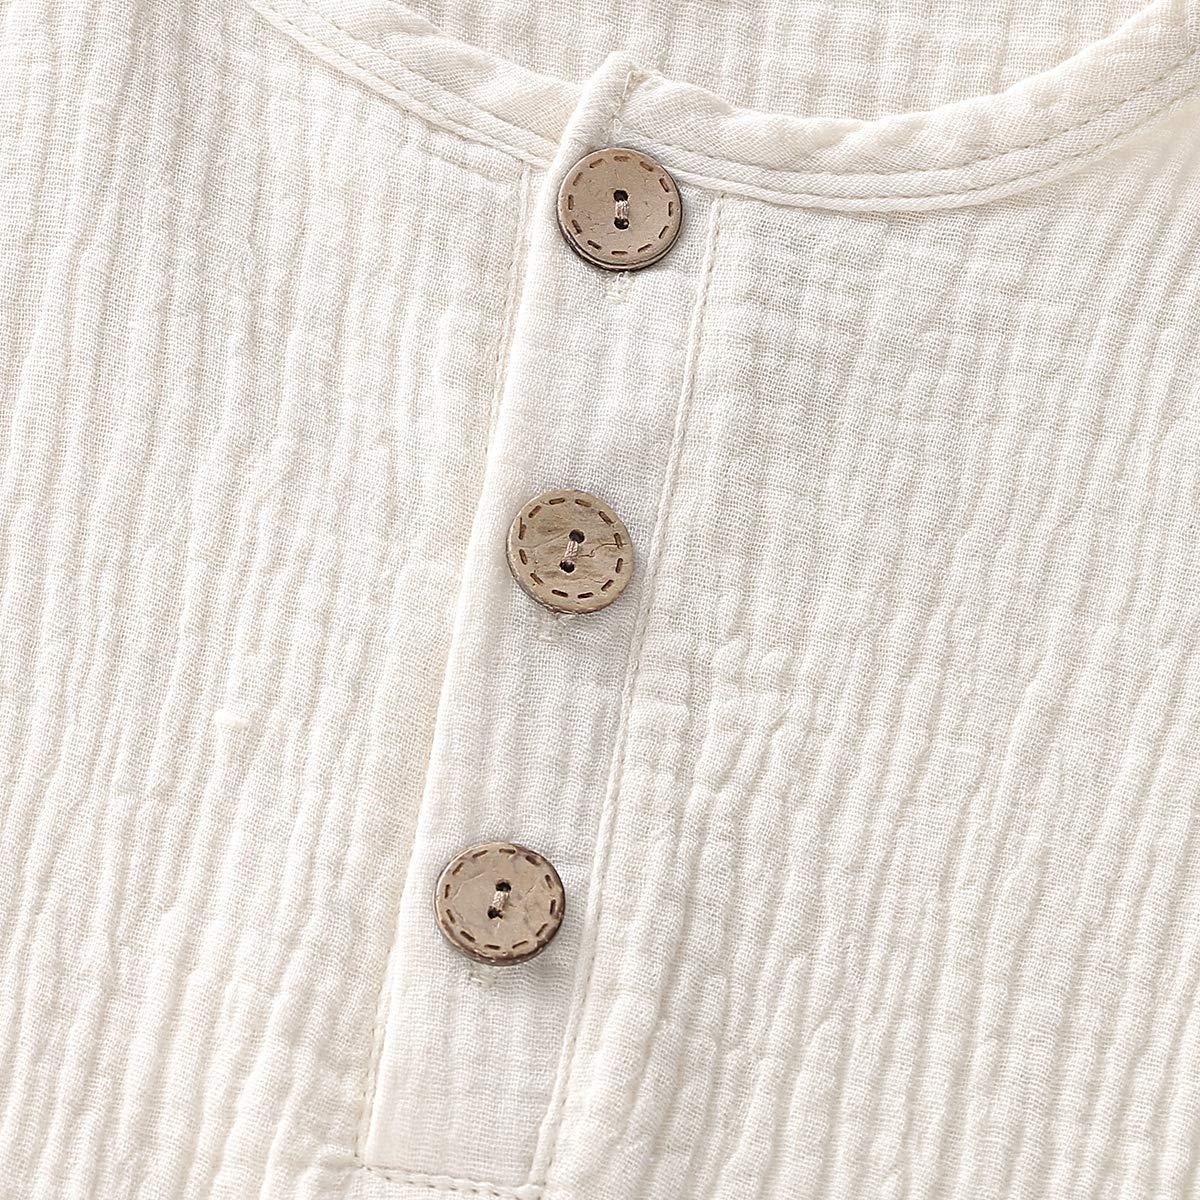 Newborn Baby Girl Summer Clothes Ruffled Strap Jumpsuit Sleeveless Romper Halter Bodysuit for Toddler Girl Overalls